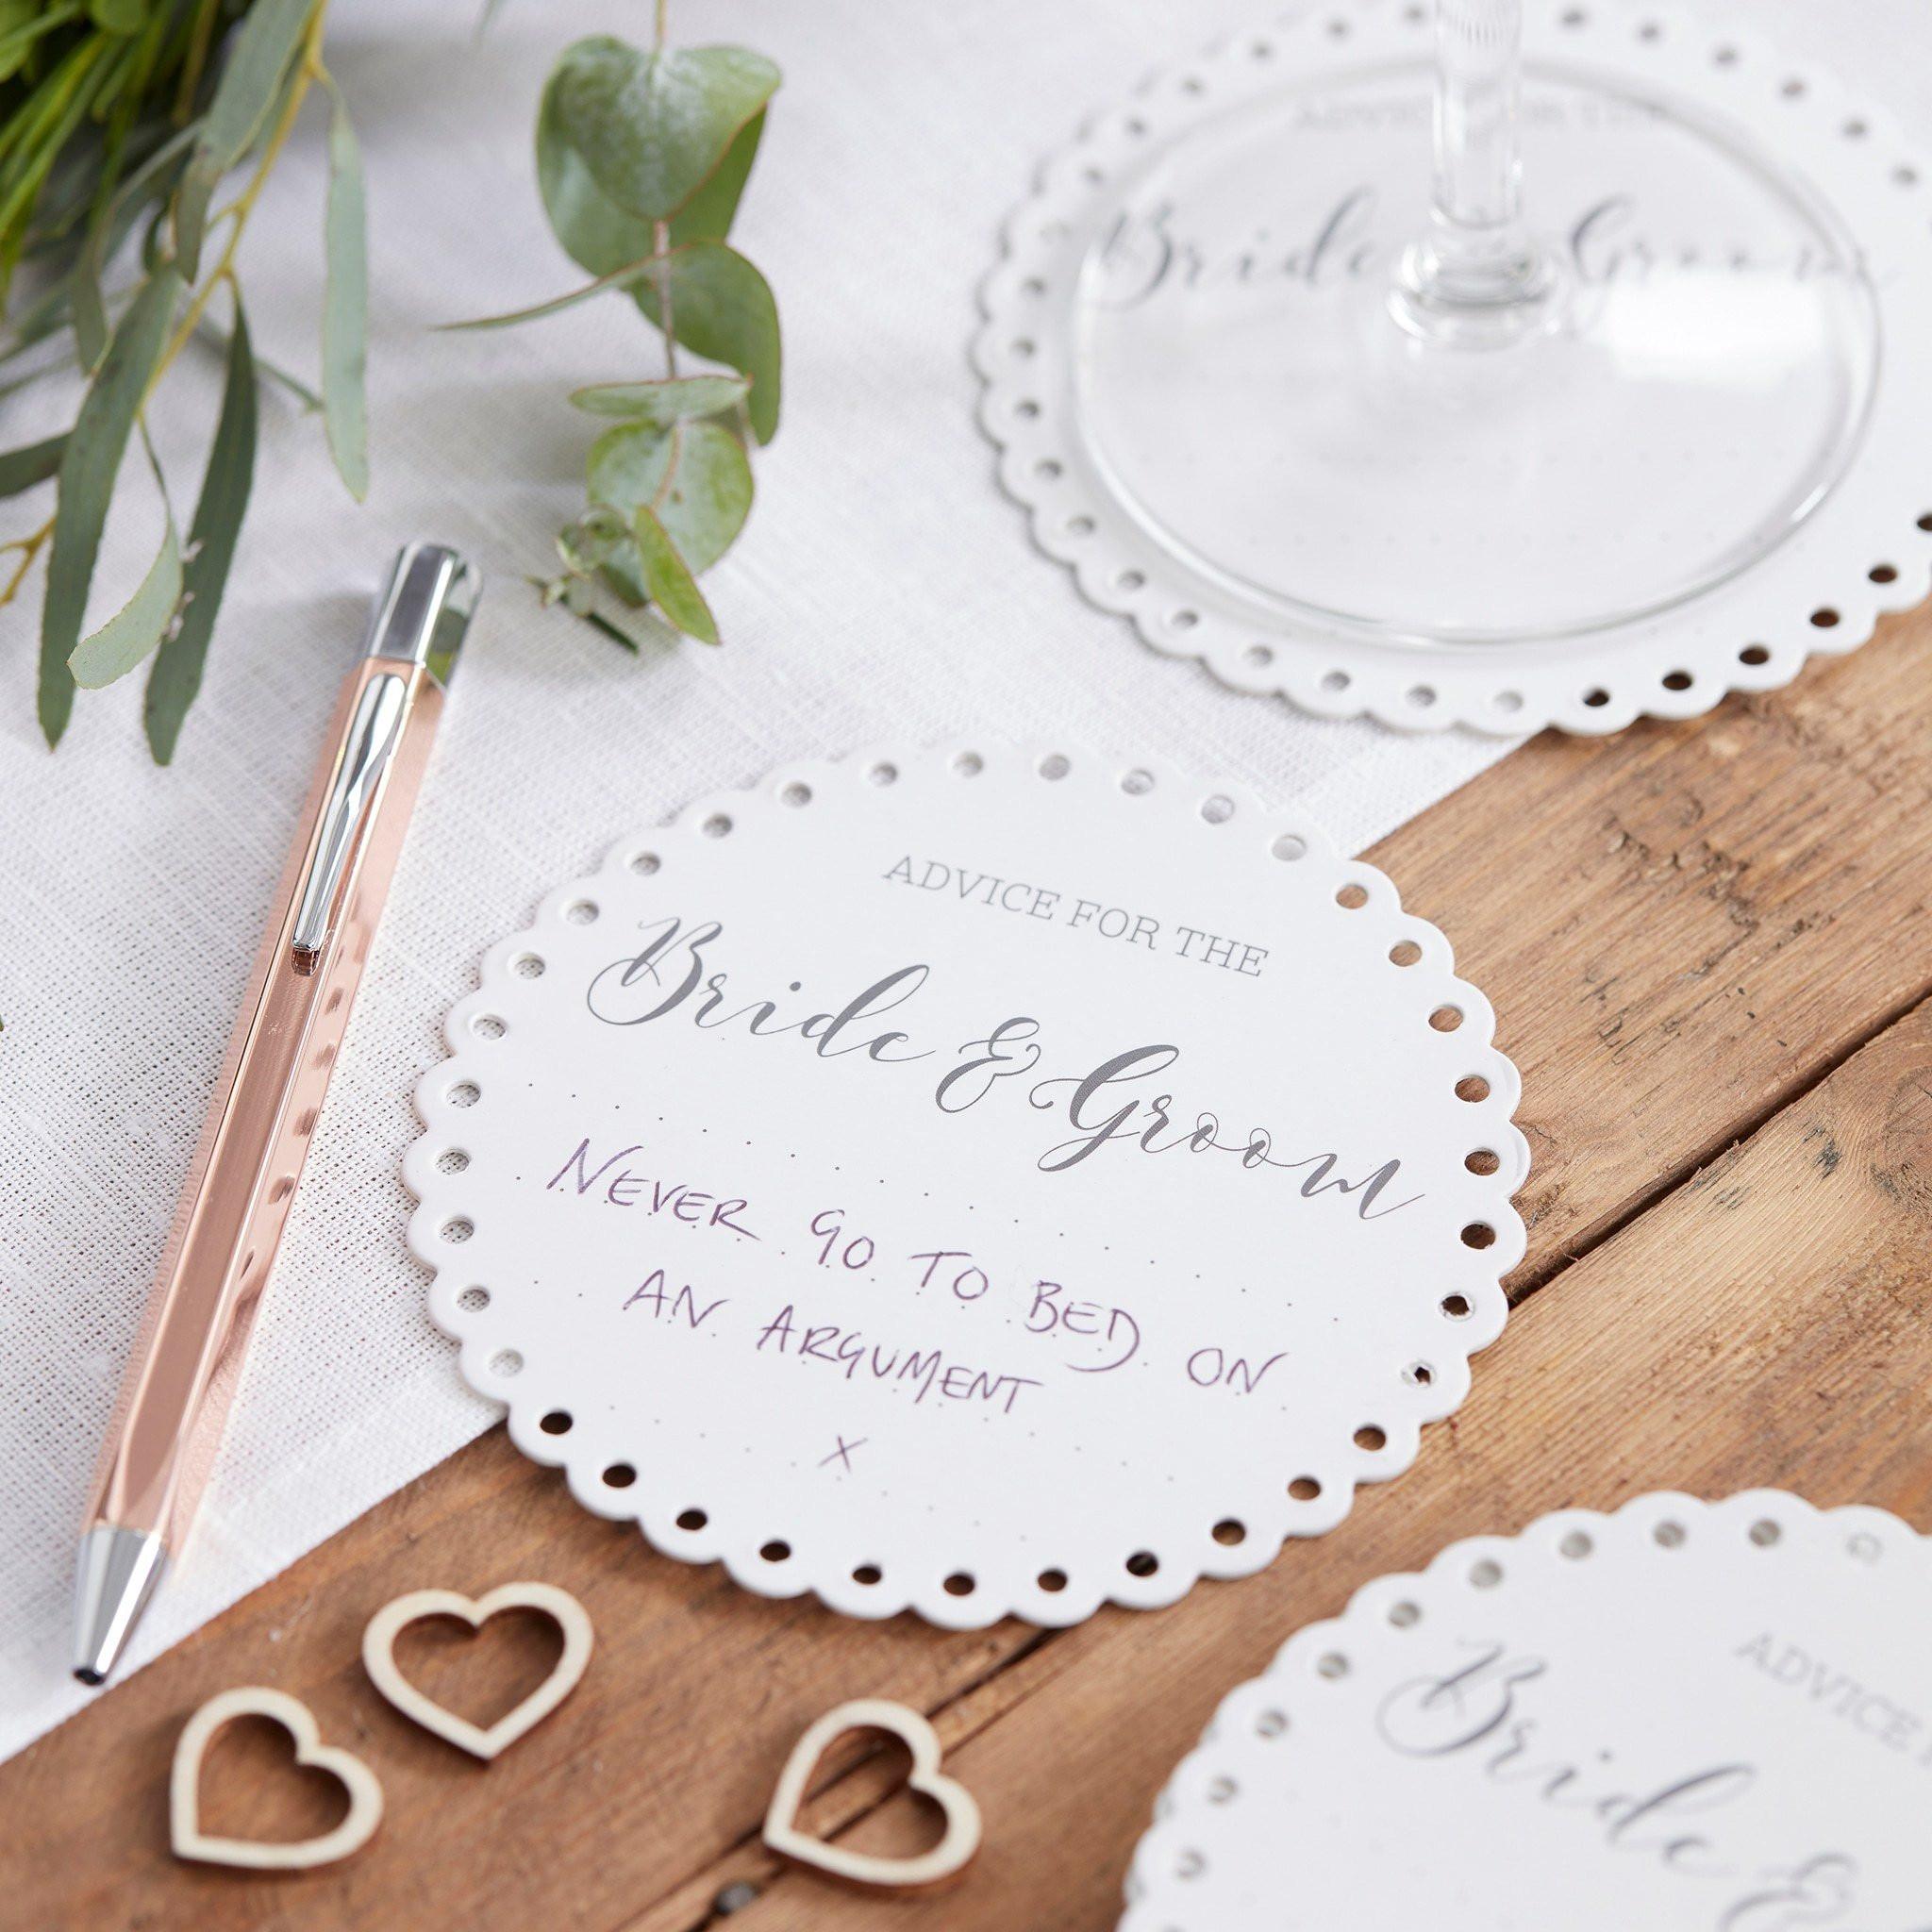 Bedwelming Gastenboek voor je bruiloft   ThePerfectWedding.nl #PS13